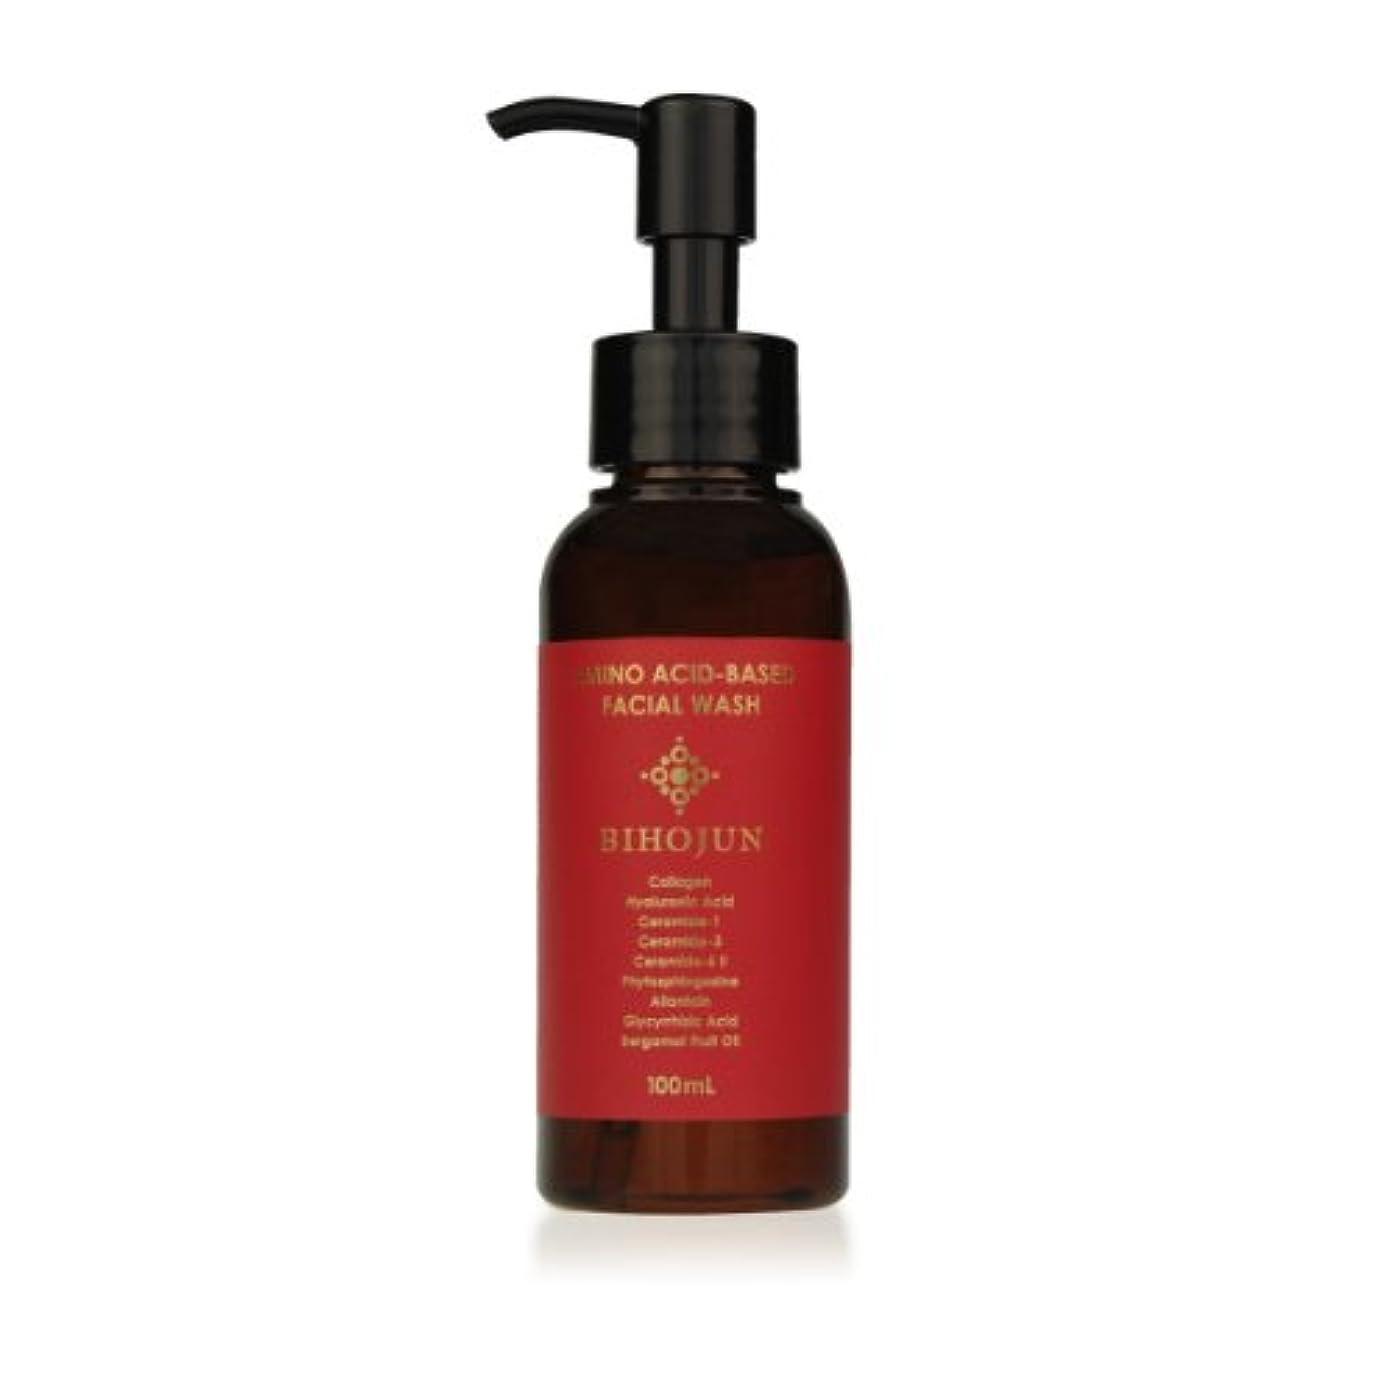 意図的適応追い越す美泡潤アミノフェイシャルウォッシュ100ml<3大保湿成分を補いながら洗う! 肌に優しいアミノ酸系洗顔ジェル>